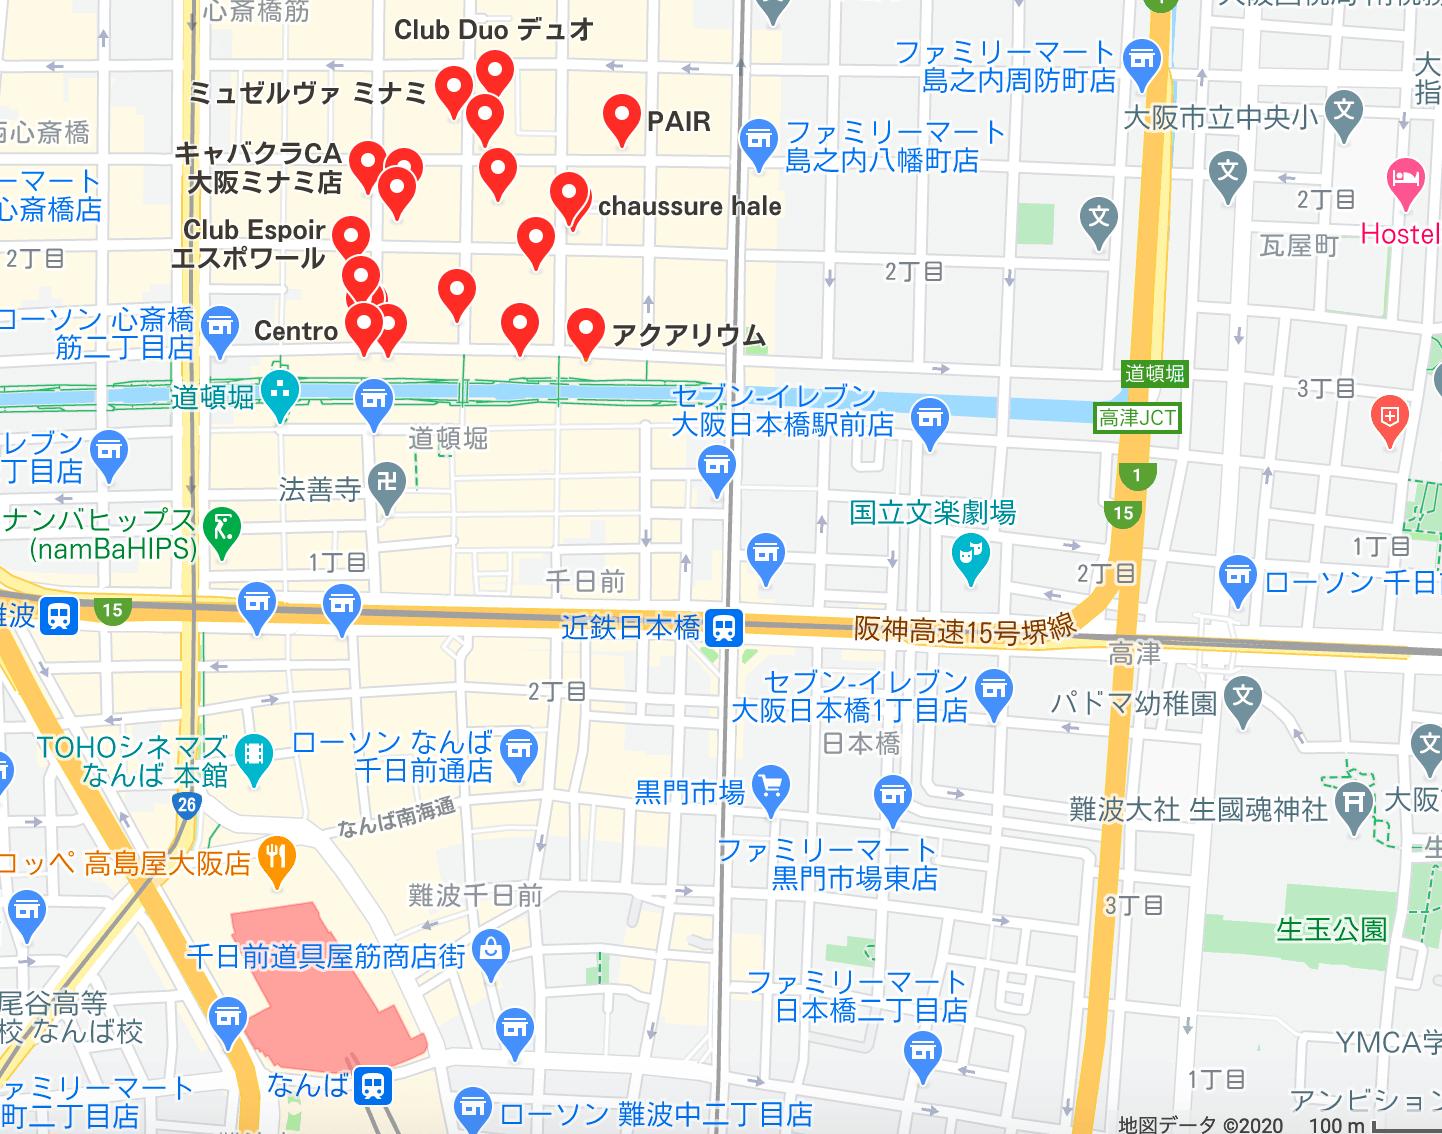 心斎橋 キャバクラ